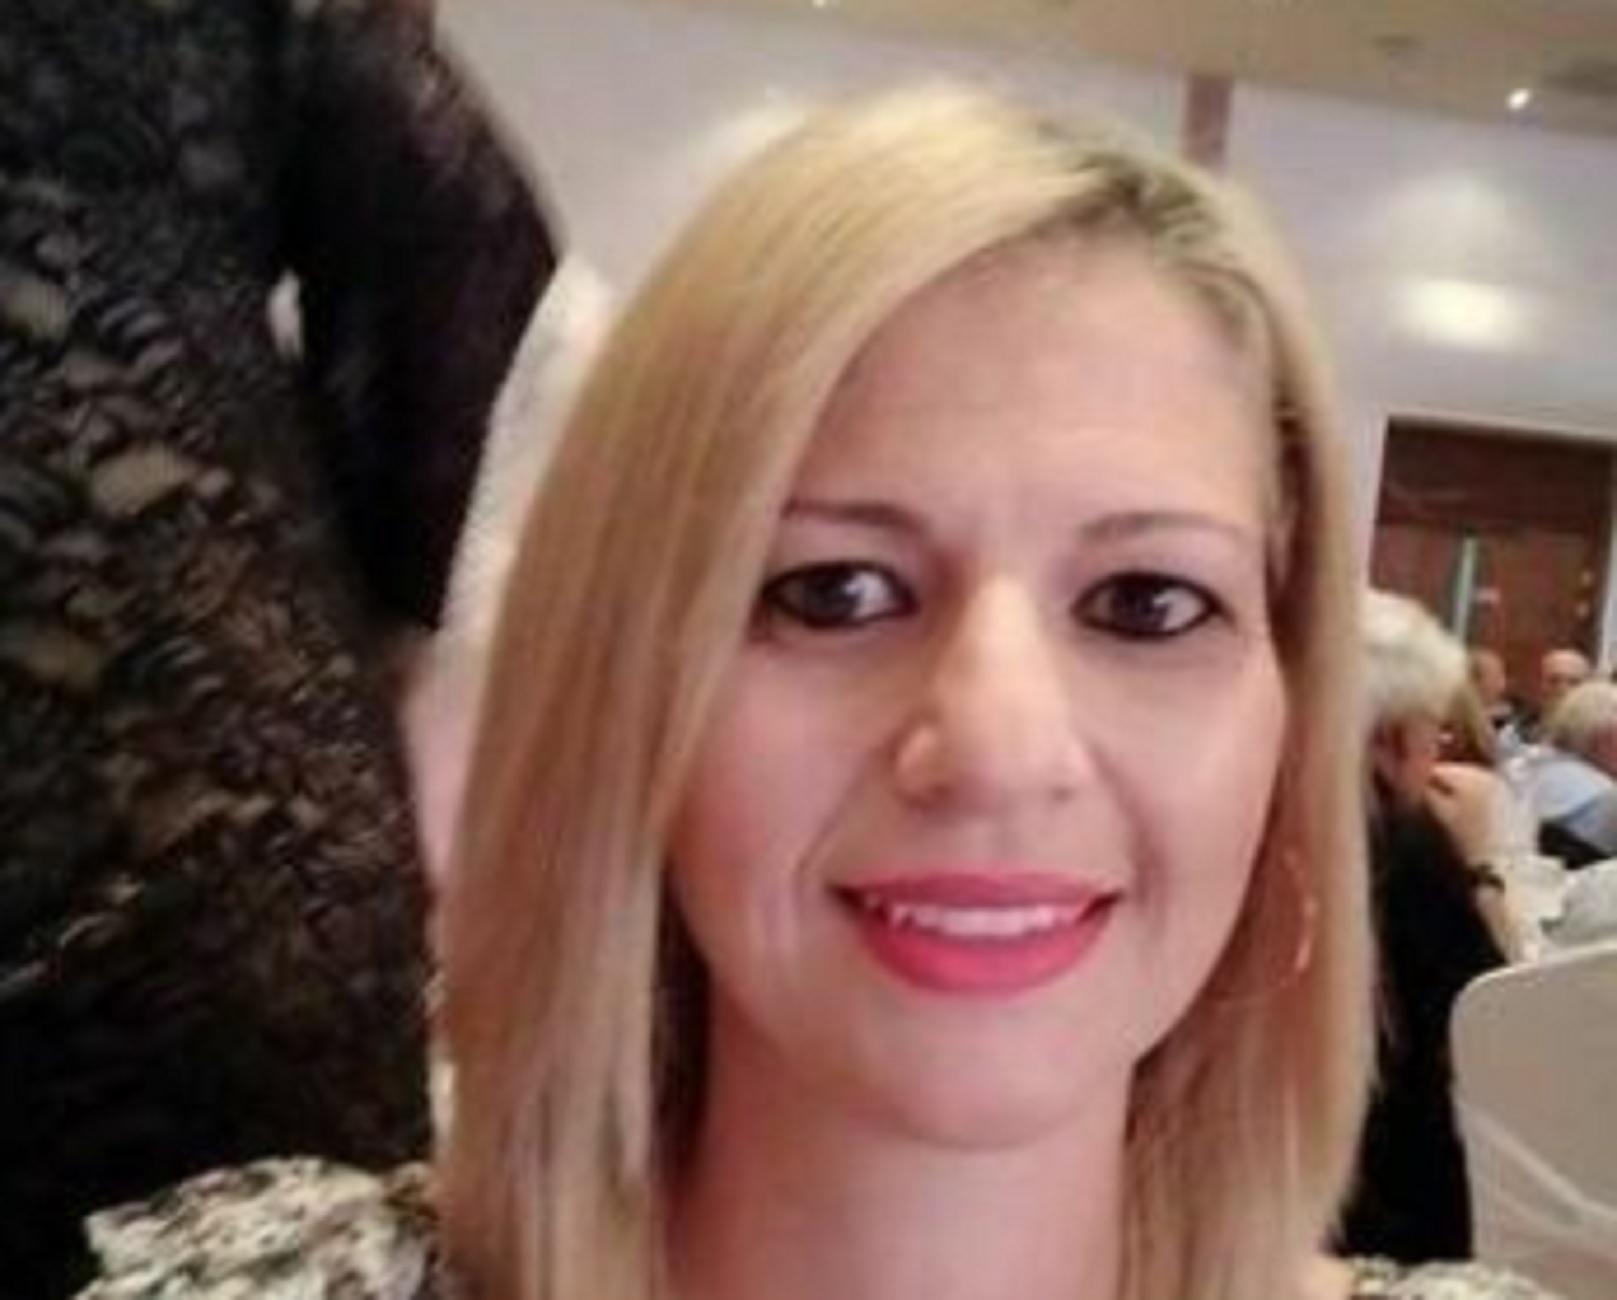 Κρήτη: Σπαραγμός για την αστυνομικό που σκοτώθηκε σε τροχαίο με την τρίχρονη κορούλα της – Το τελευταίο αντίο (pics)